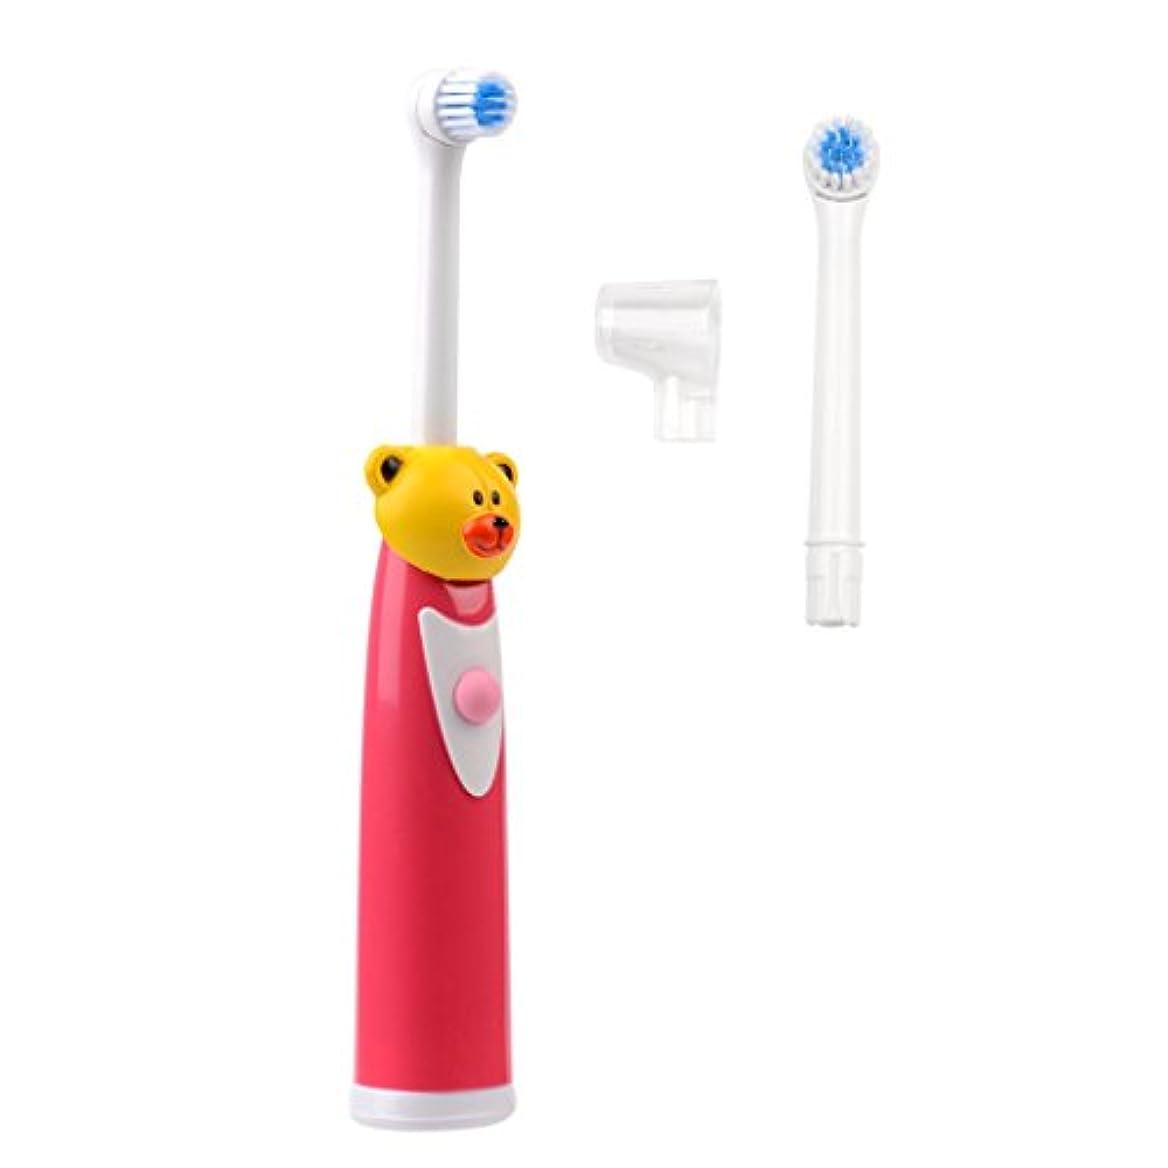 くしゃくしゃ元の安全でない(inkint)電動歯ブラシ 子供用 かわいいキャラクター ミニサイズ 交換用ブラシ付 操作簡単 クマさんブラシ かわいい 歯ぐきを傷つけない レッド